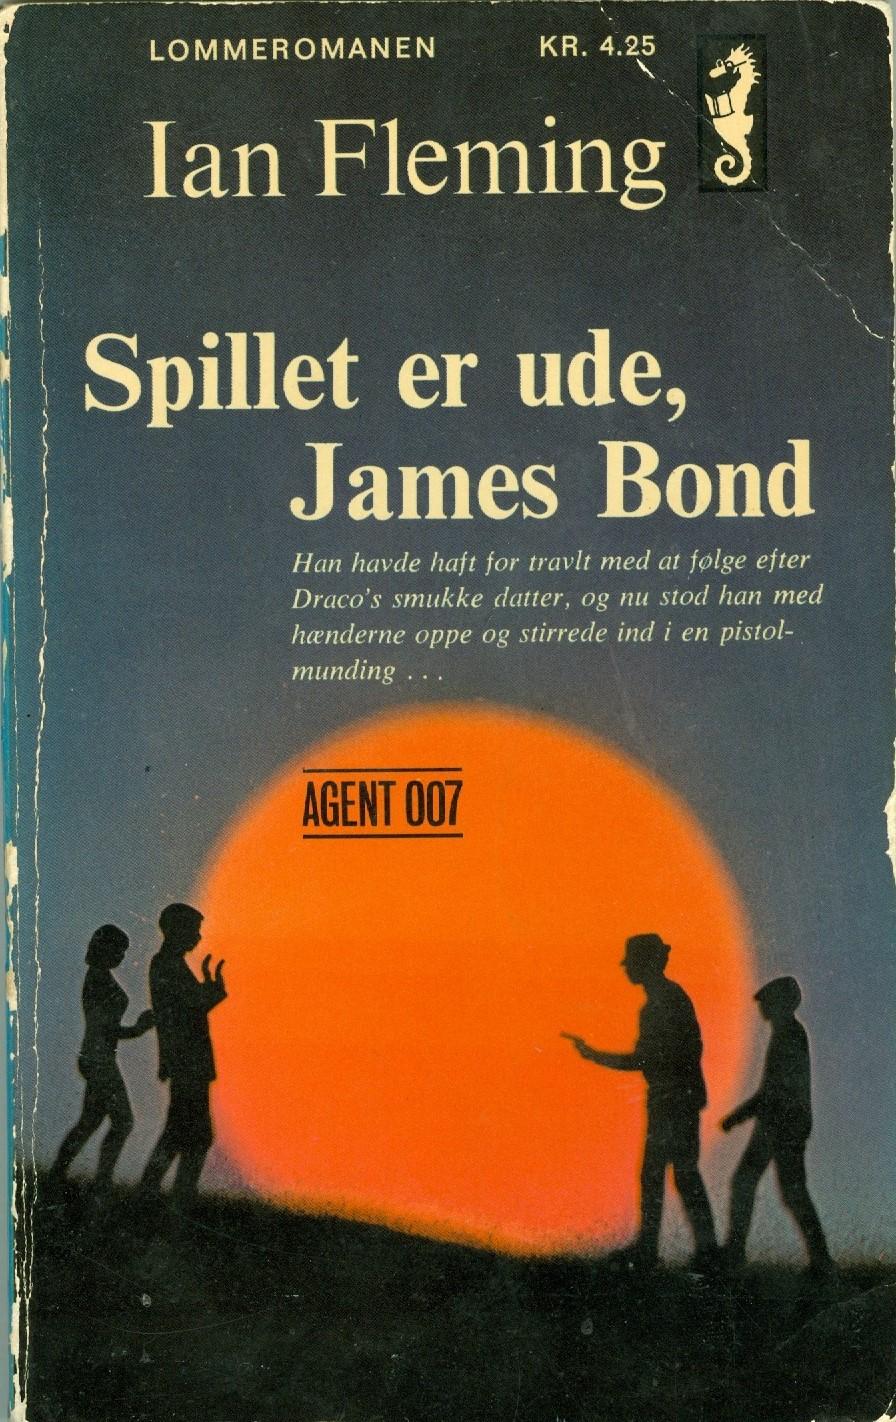 1. udgave, paperback (pris 4,25)